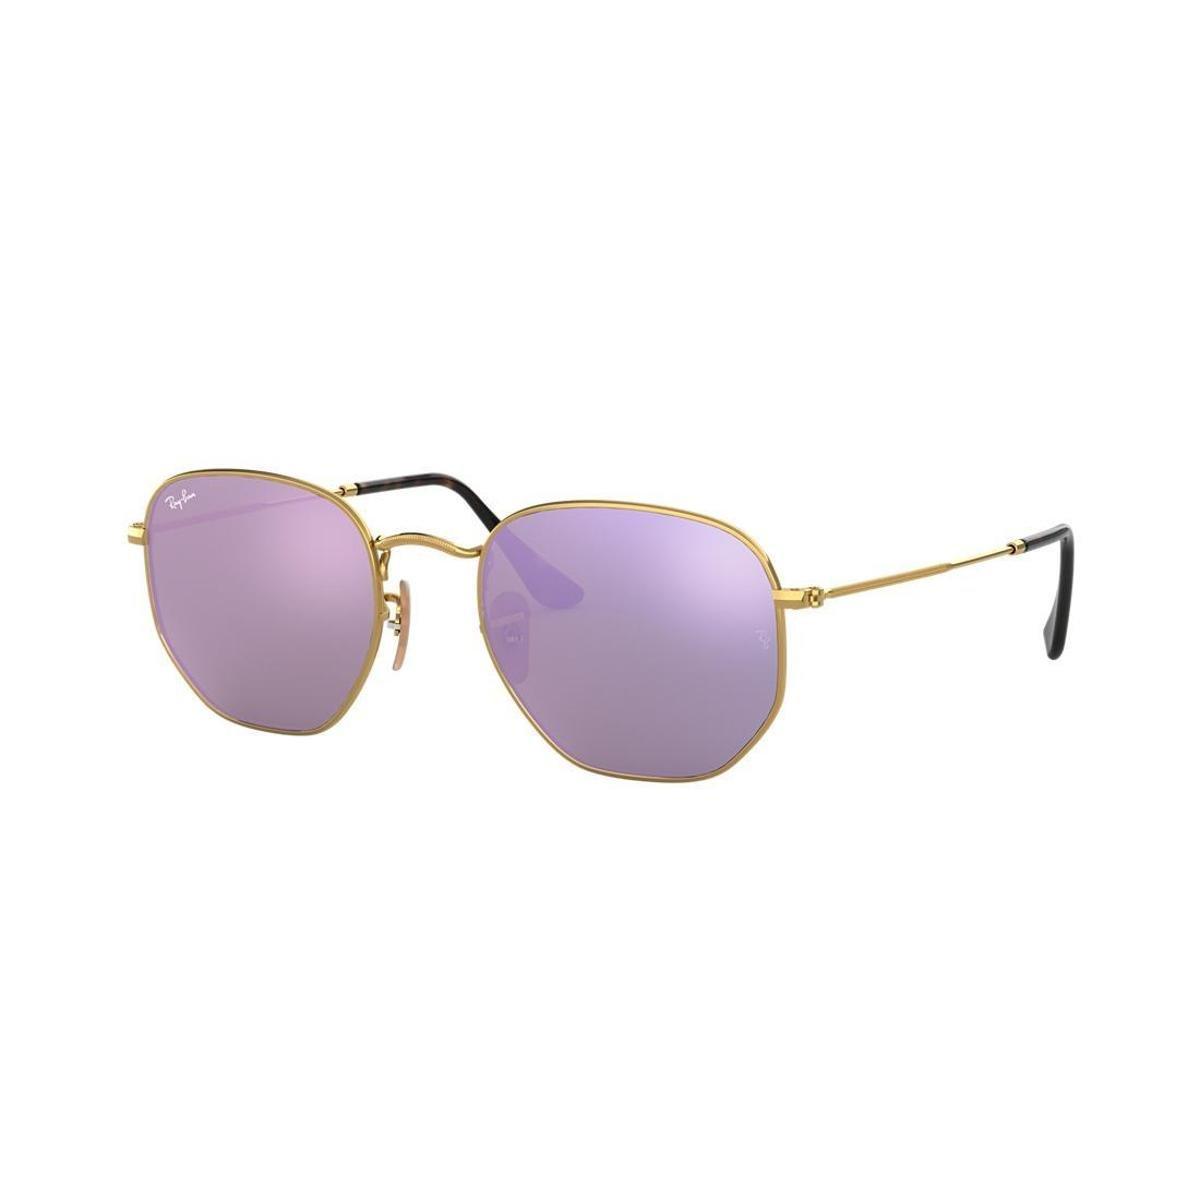 Óculos de Sol Ray-Ban RB3548NL Hexagonal - Dourado - Compre Agora ... b419cf8290